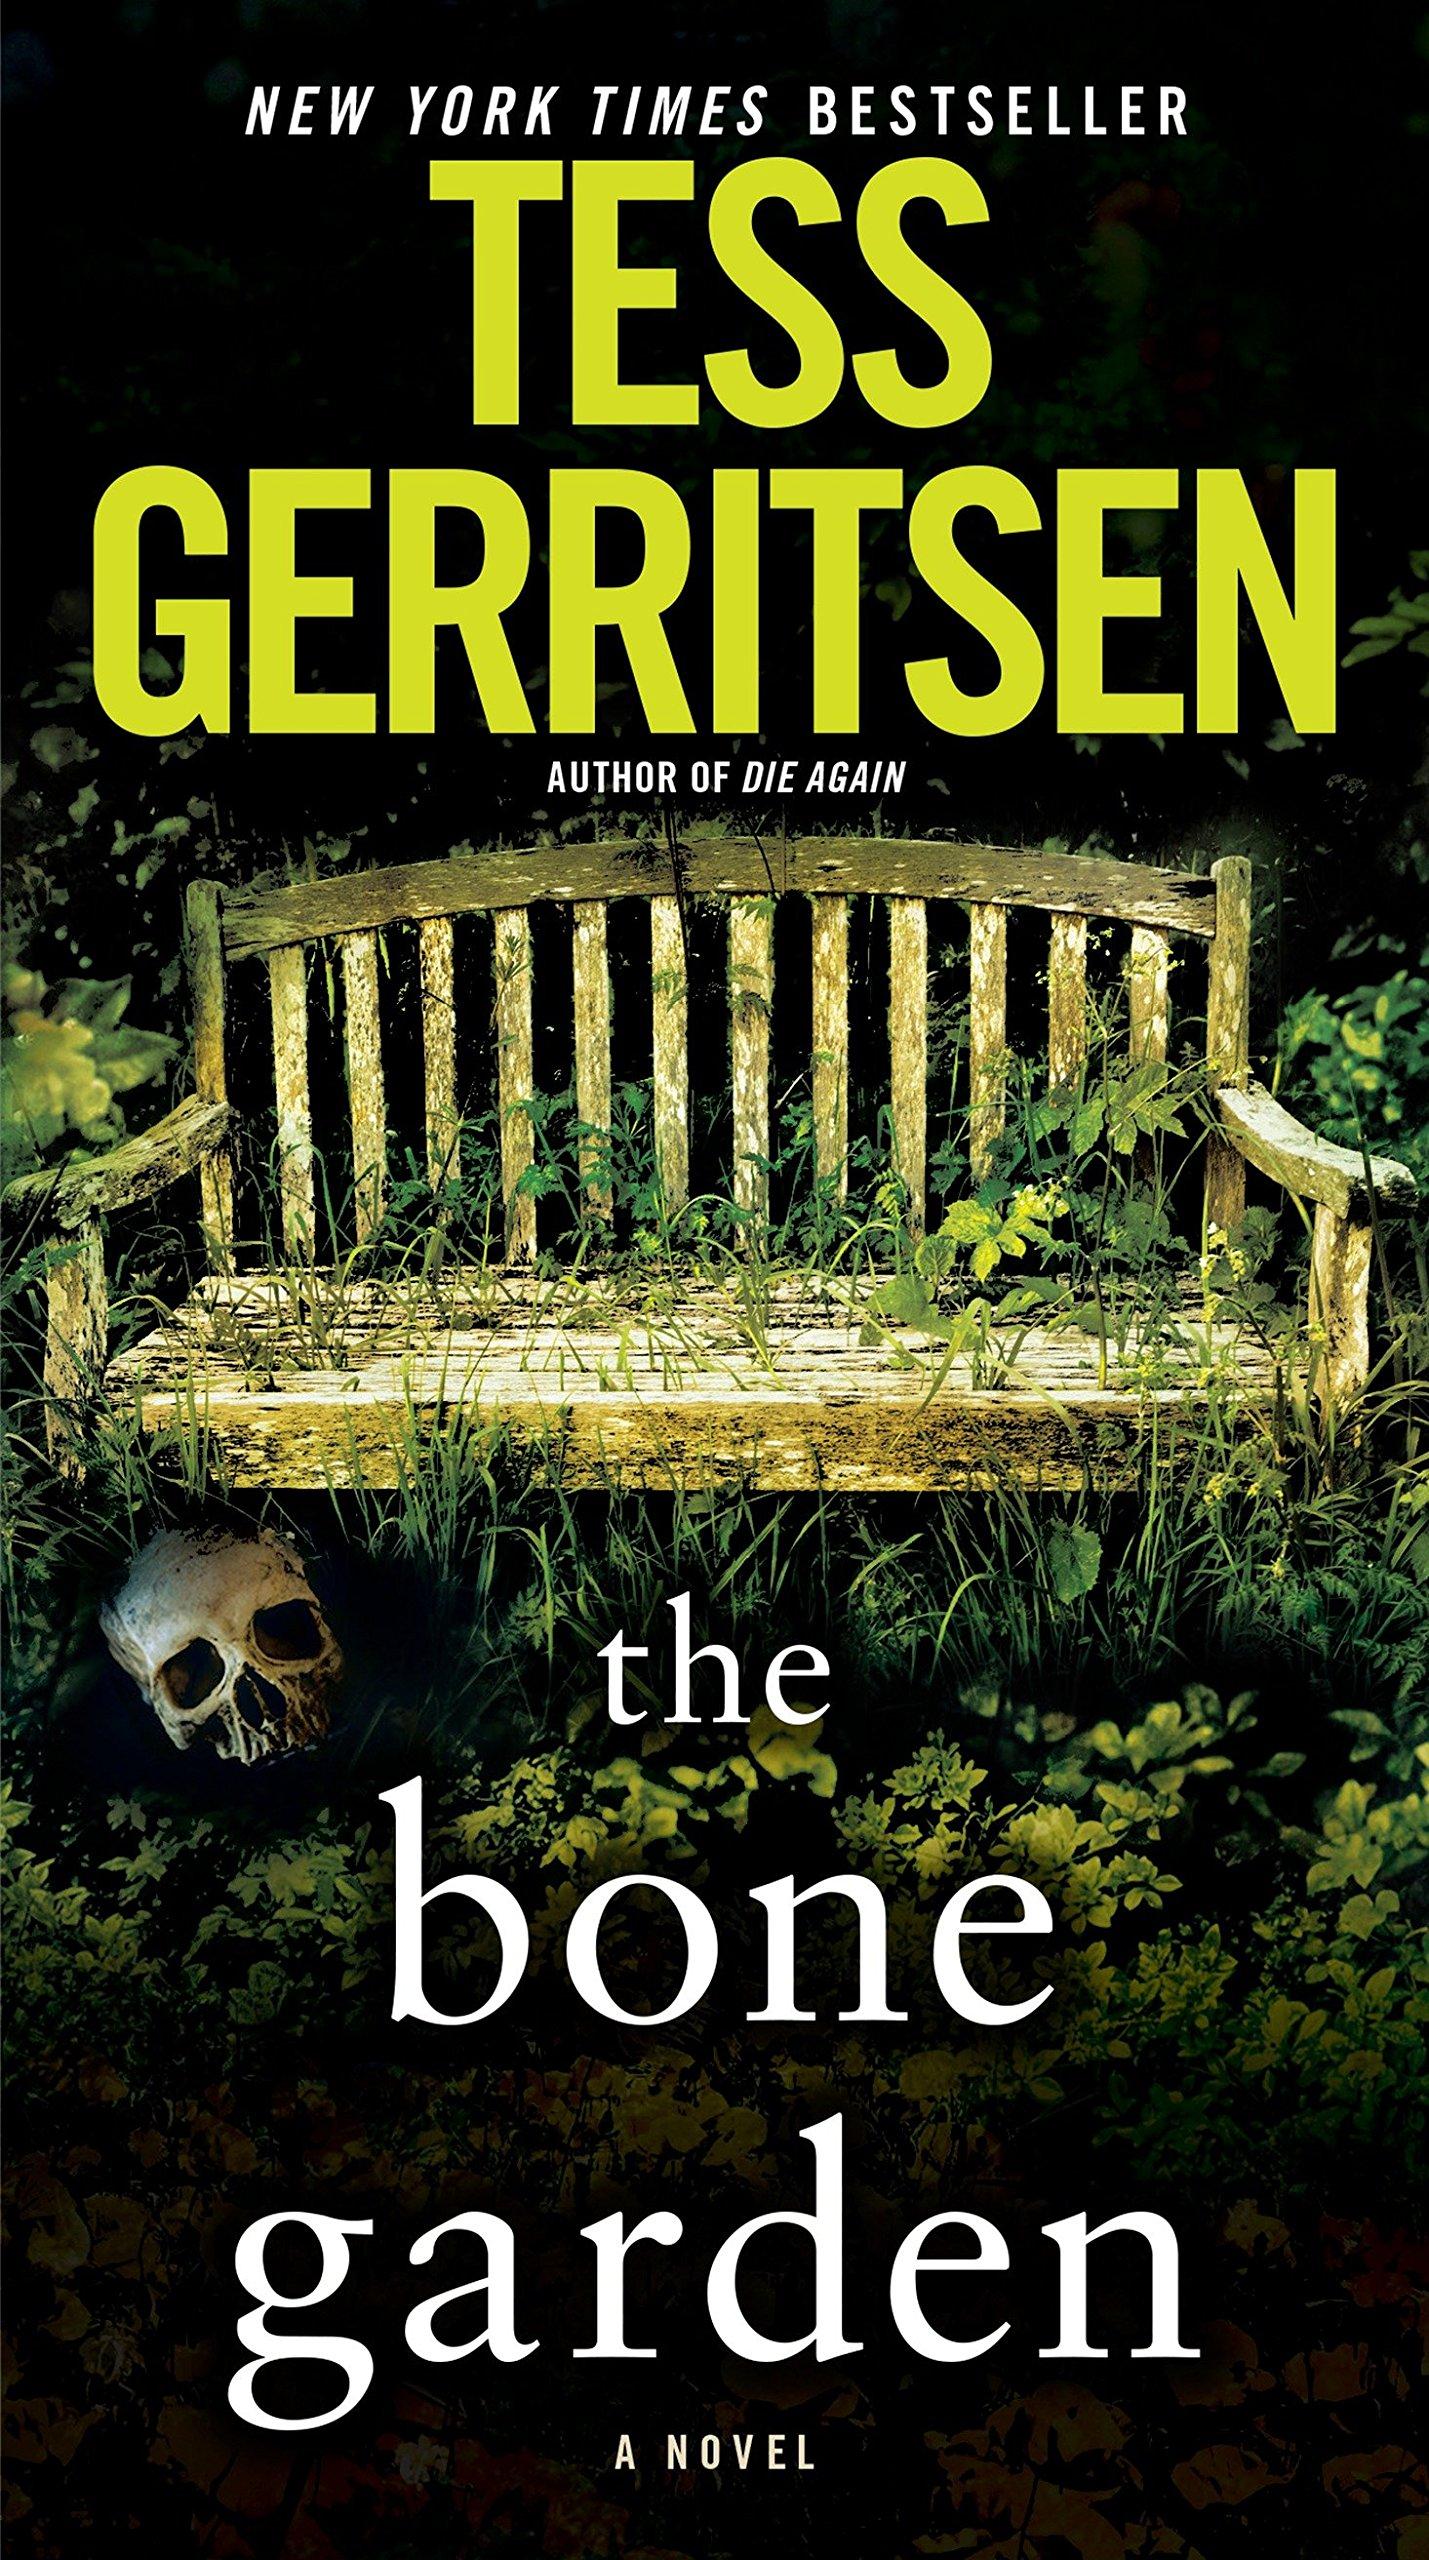 Amazon.com: The Bone Garden: A Novel (9781101885291): Tess Gerritsen ...